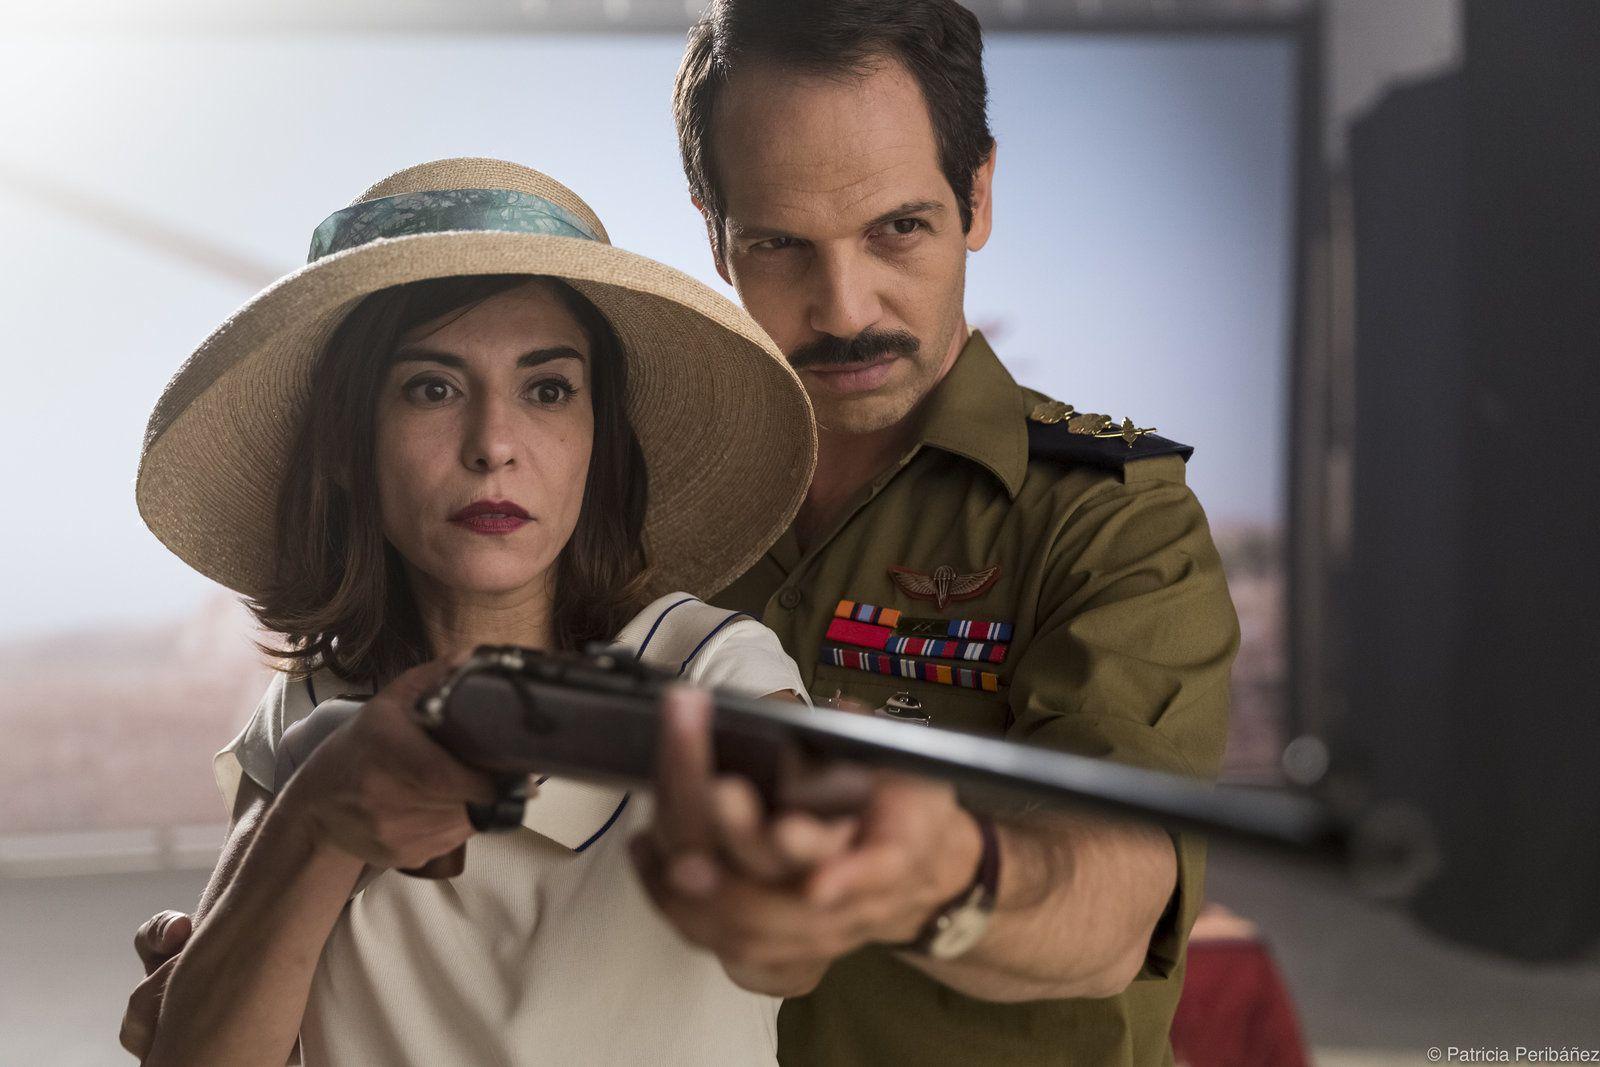 TEL AVIV ON FIRE (BANDE-ANNONCE) de Sameh Zoabi - Le 3 avril 2019 au cinéma